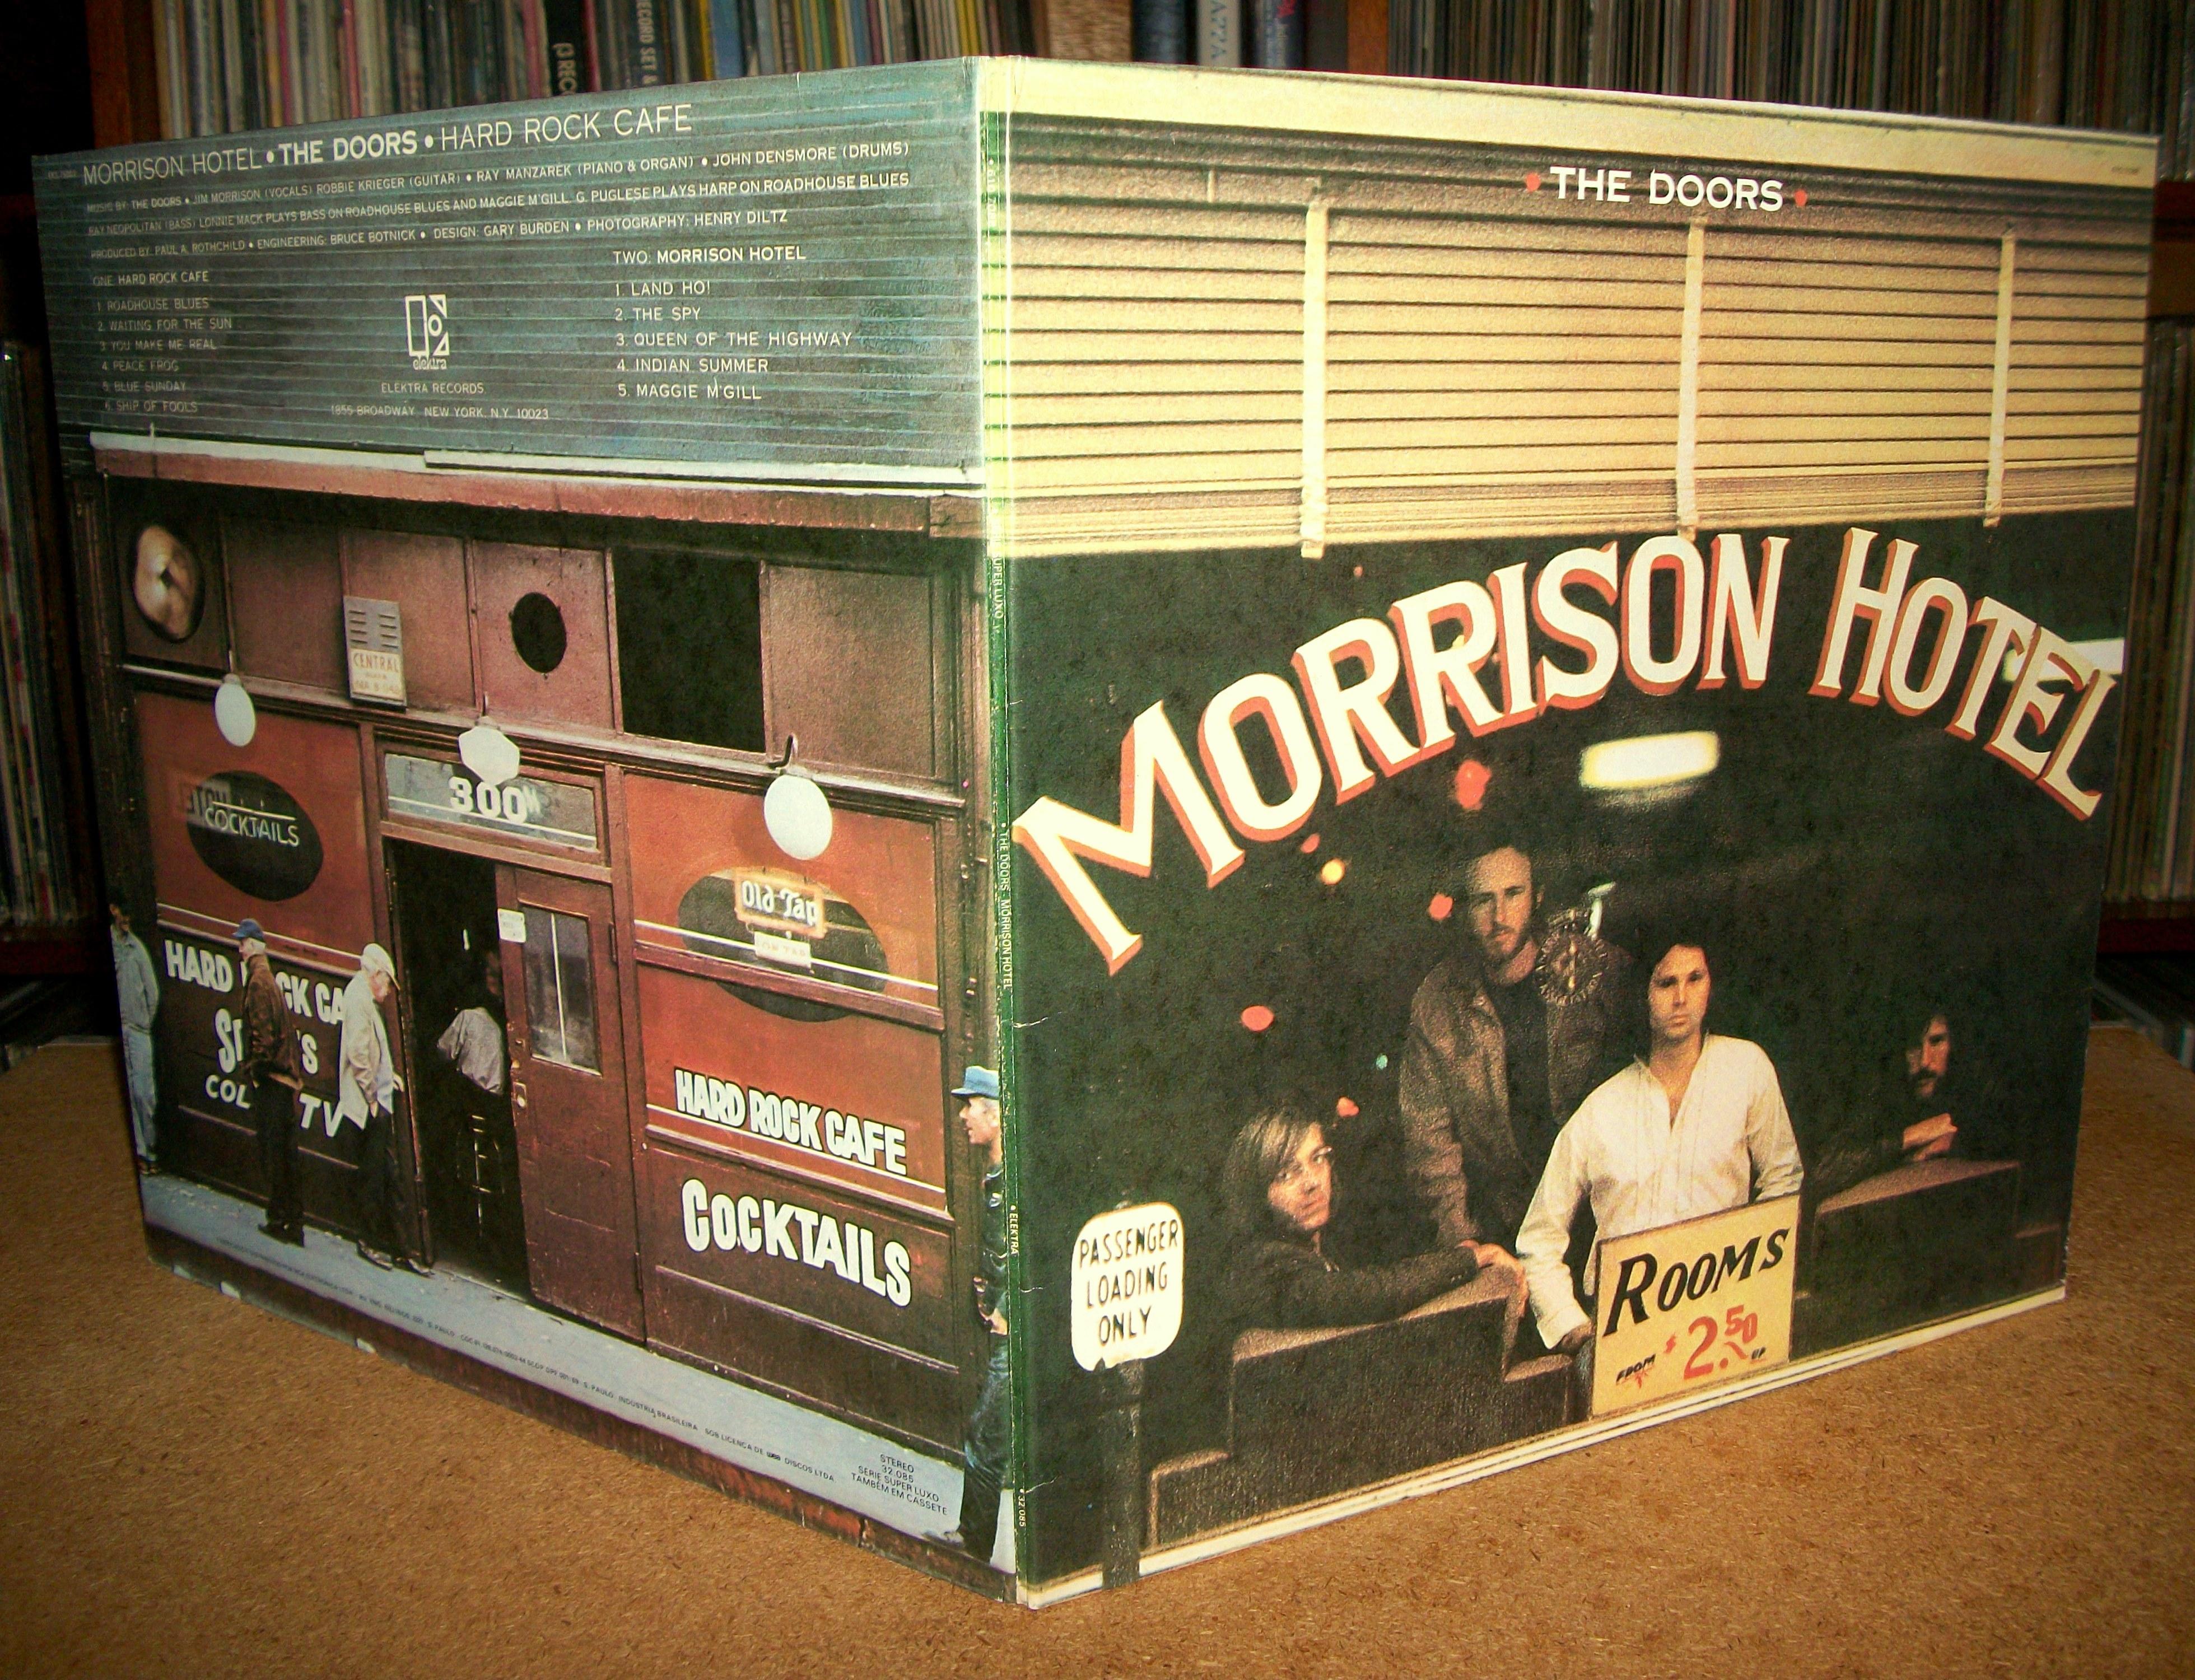 Doors Morrison Hotel 3919 x 3000